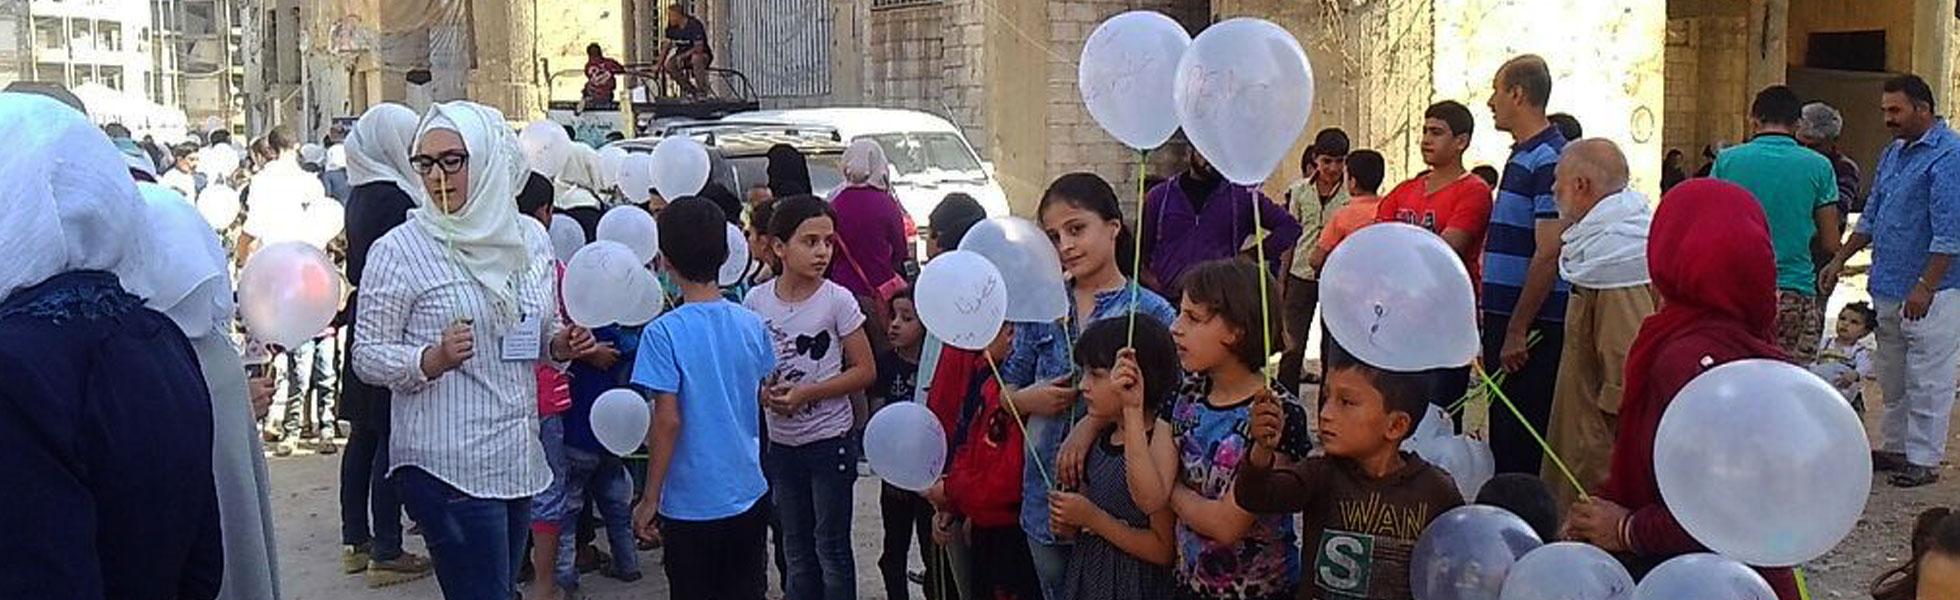 Siria: Más de un millón de niños firman un llamamiento a la paz